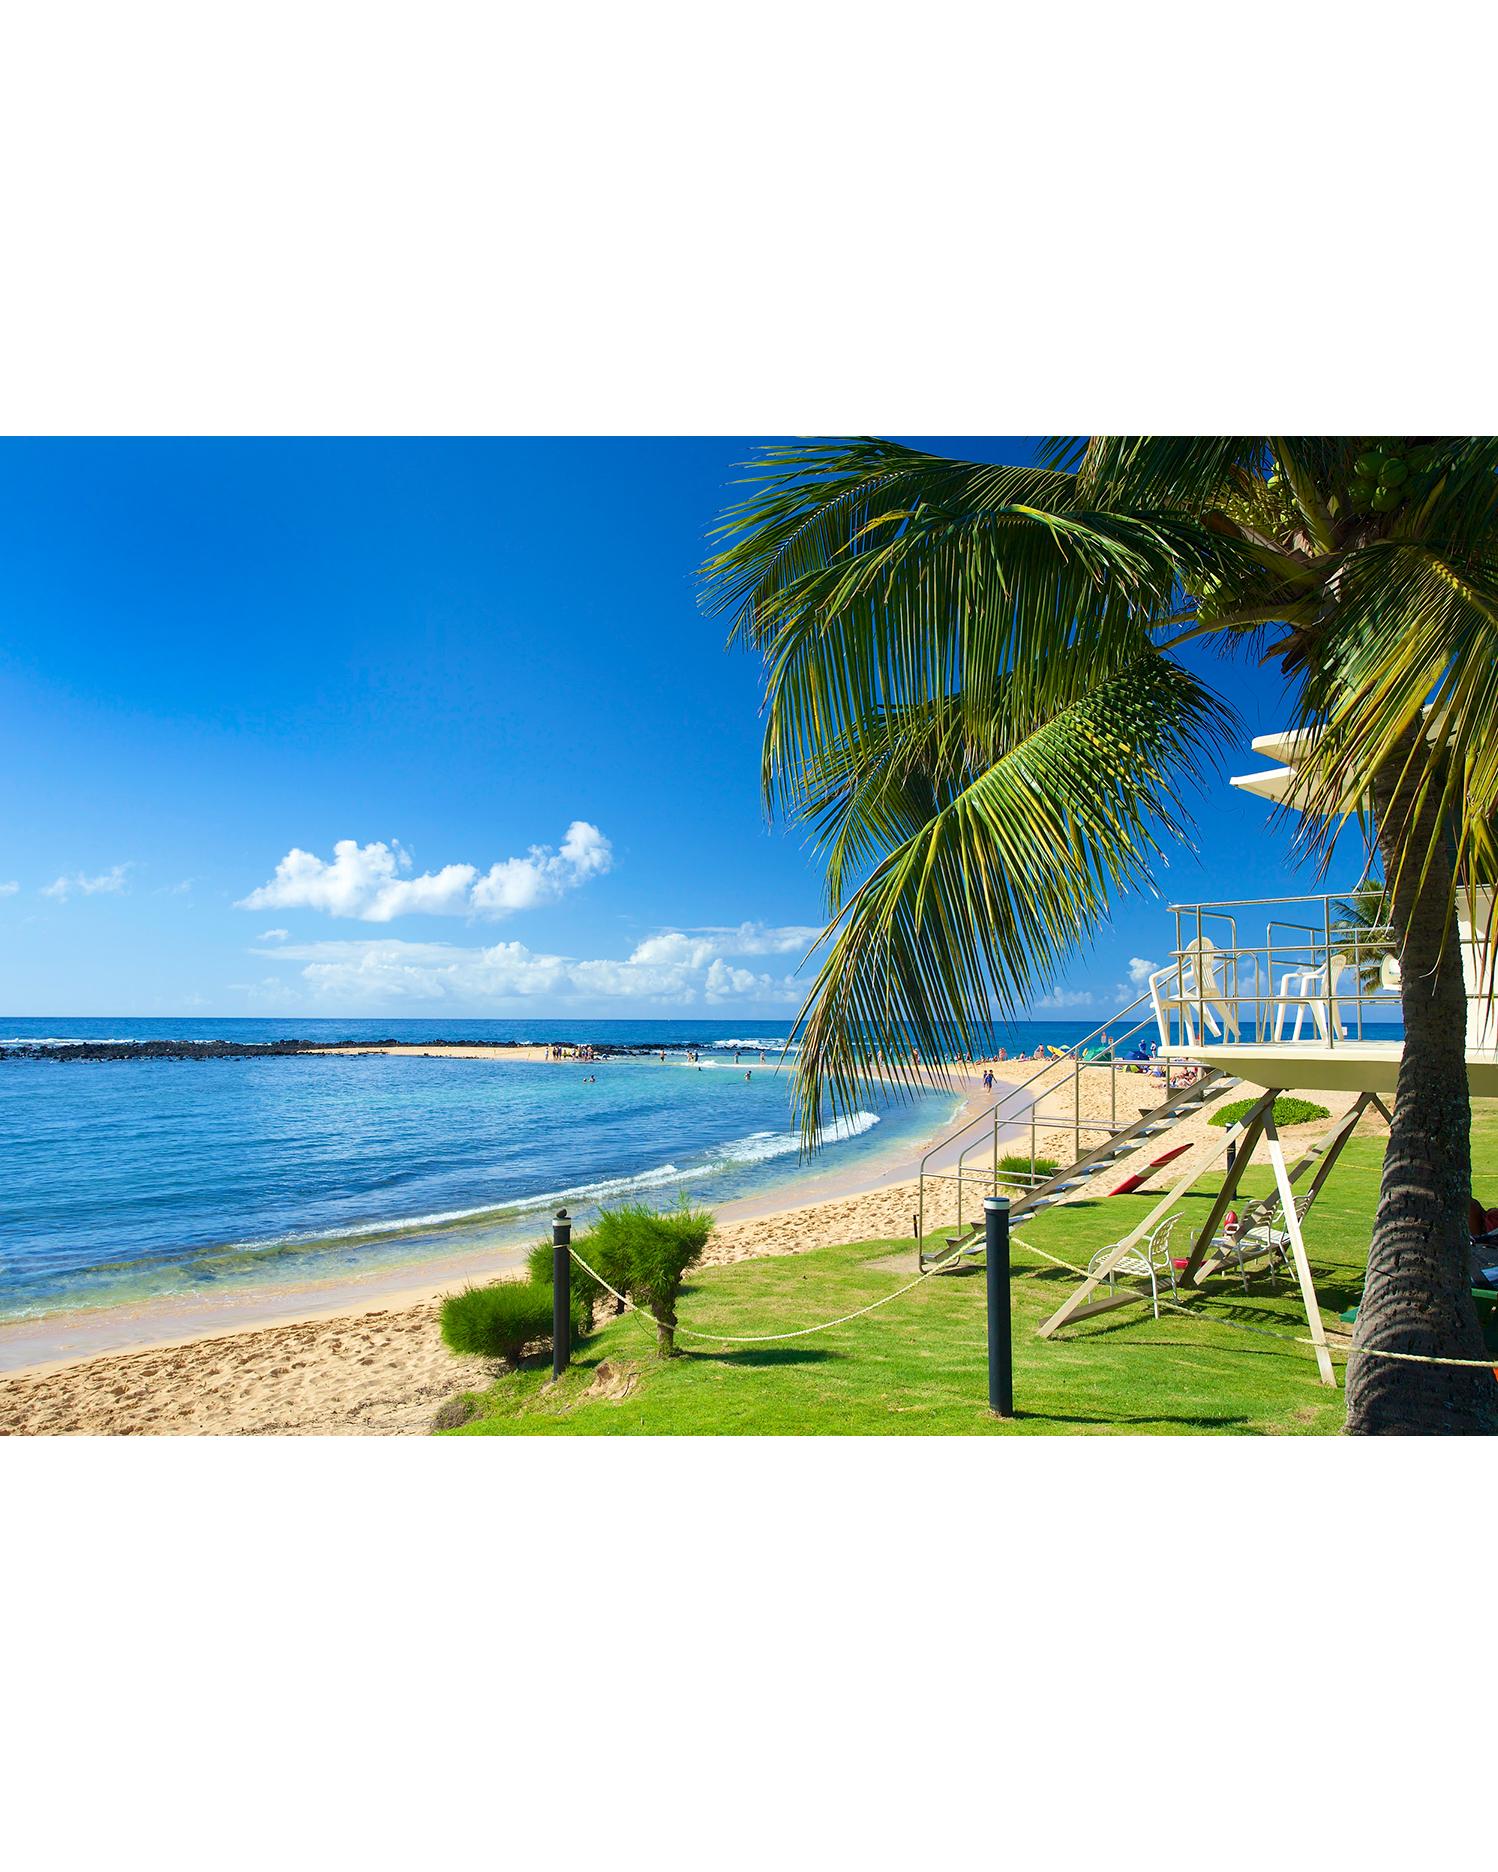 Poipu Beach Park in Kauai, Hawaii